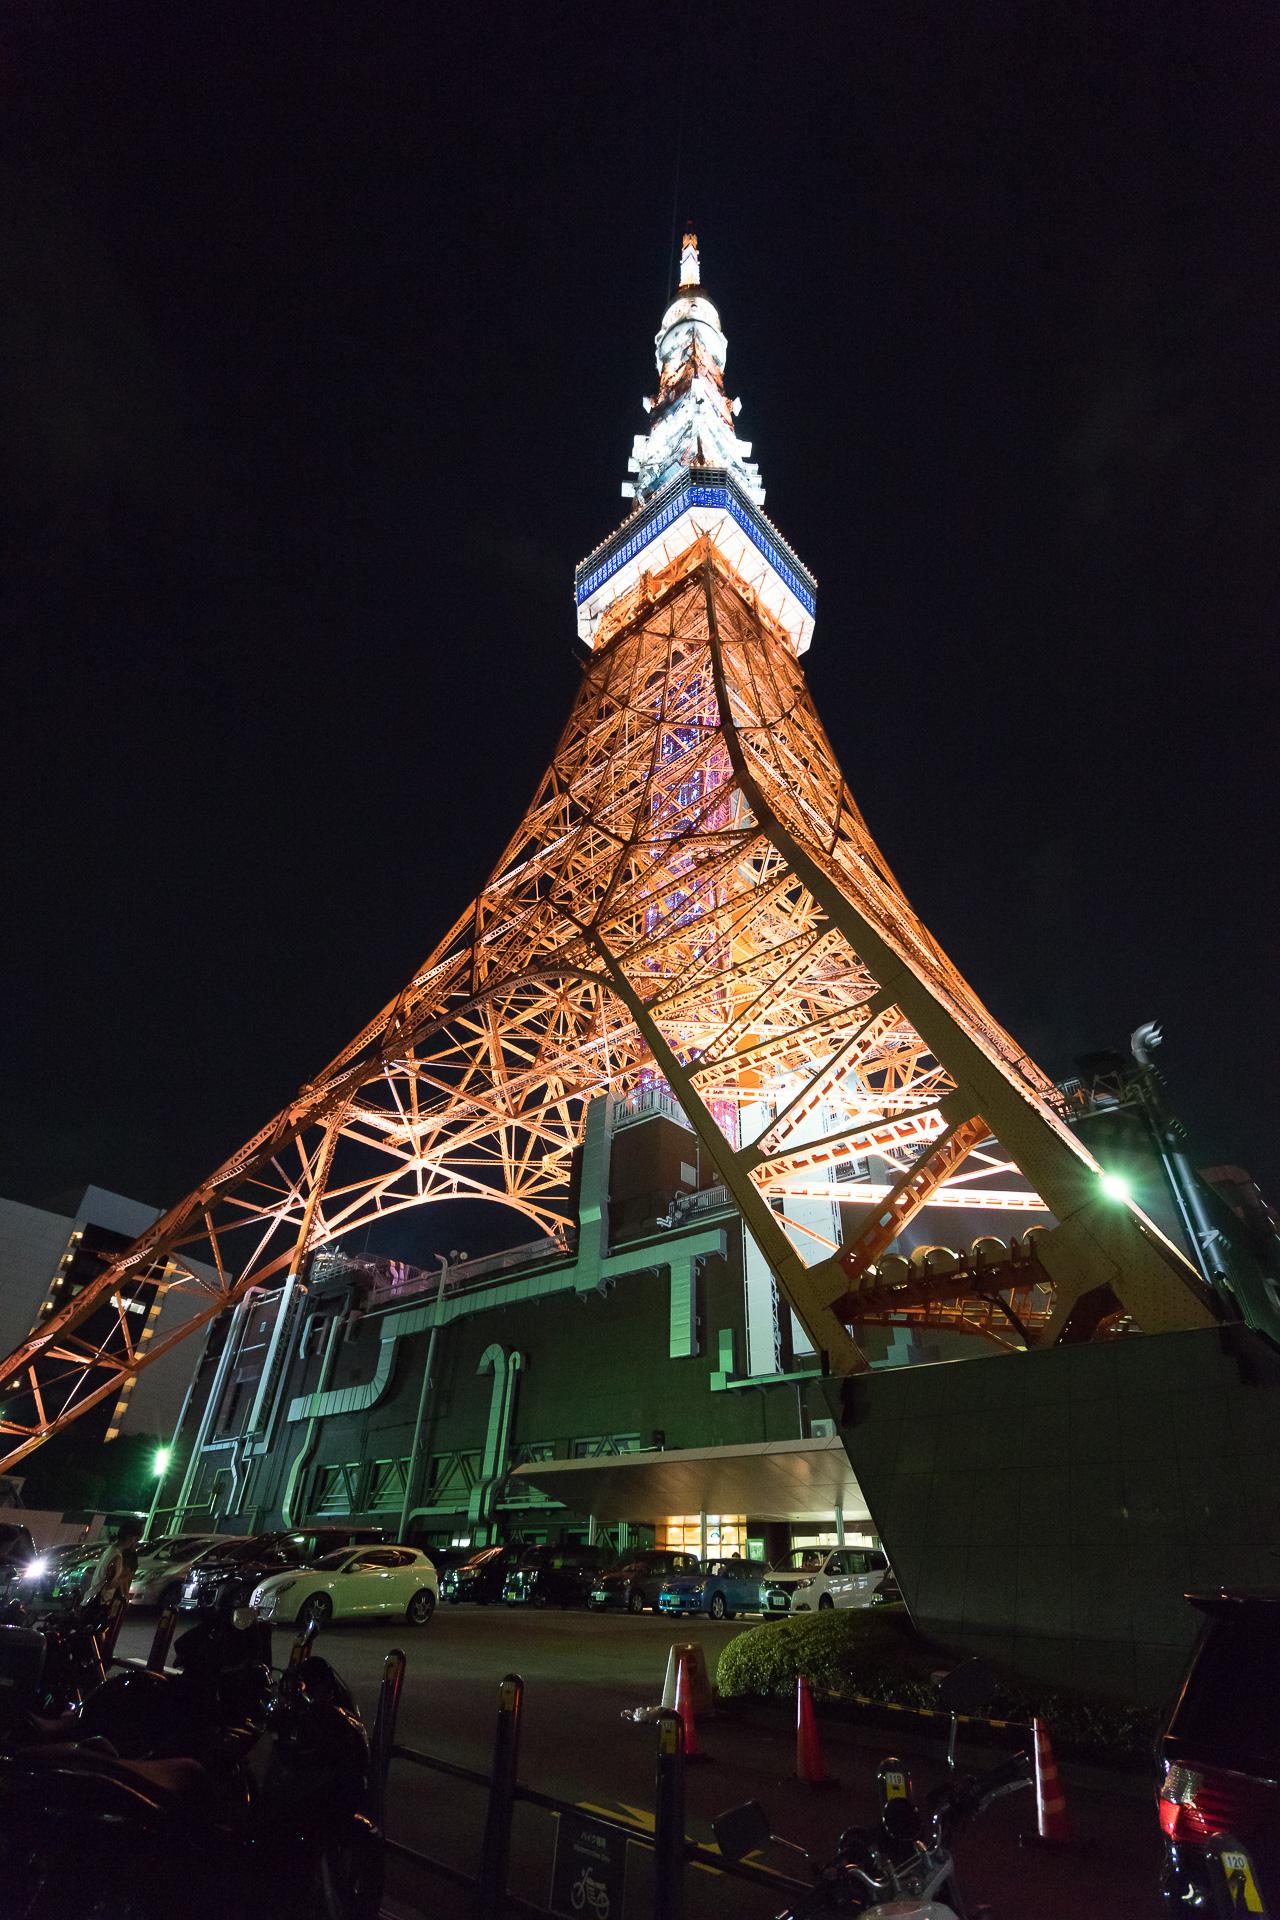 東京タワー 足元 SONY α7II, SONY Vario Tessar T* FE 16-35mm F4 ZA OSS